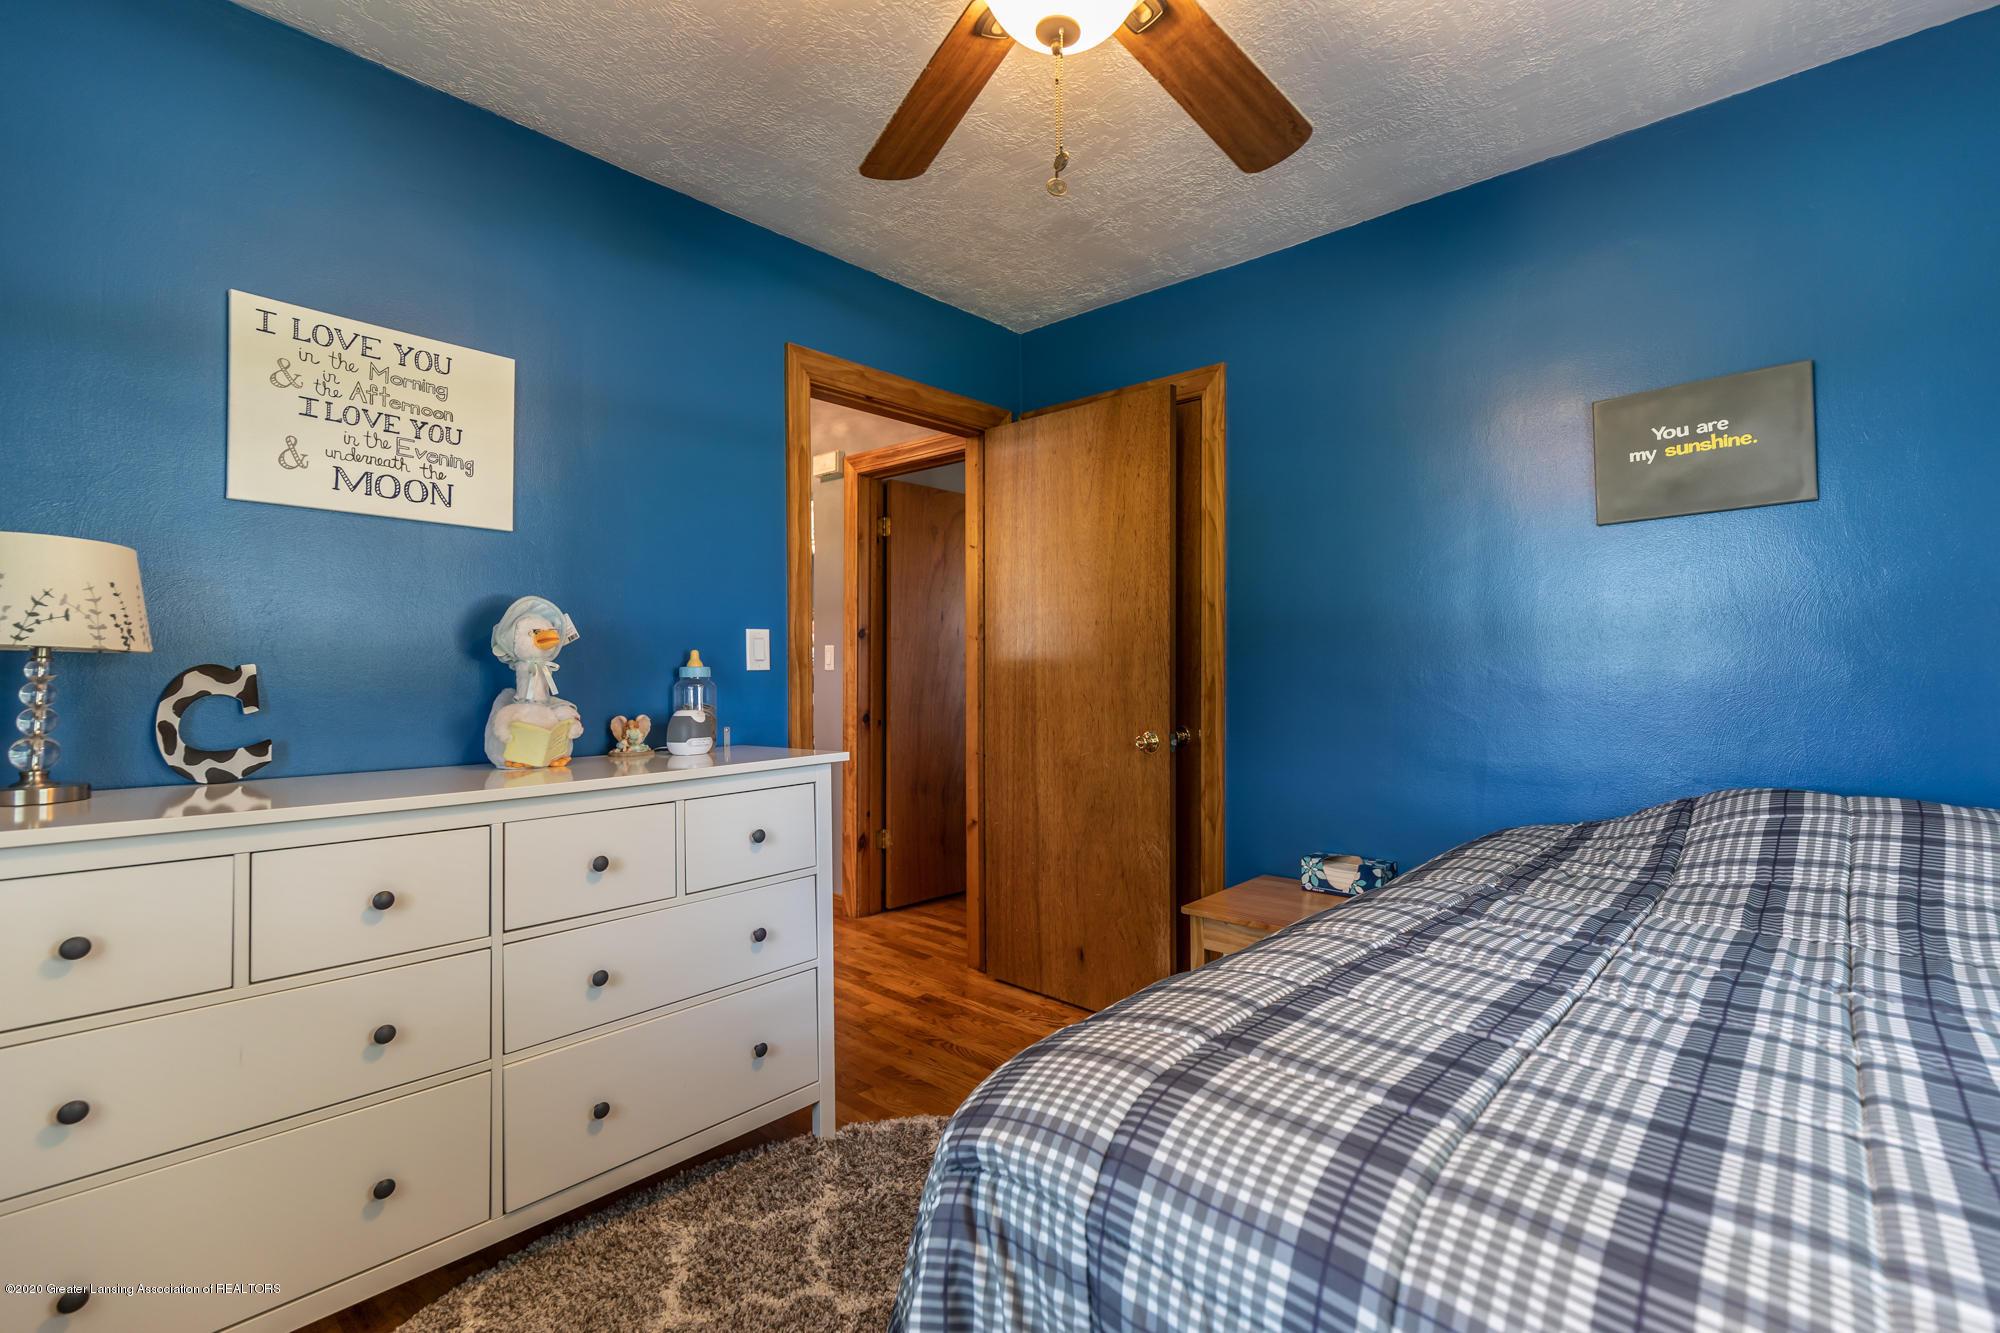 205 W Herbison Rd - Bedroom #2 - 18